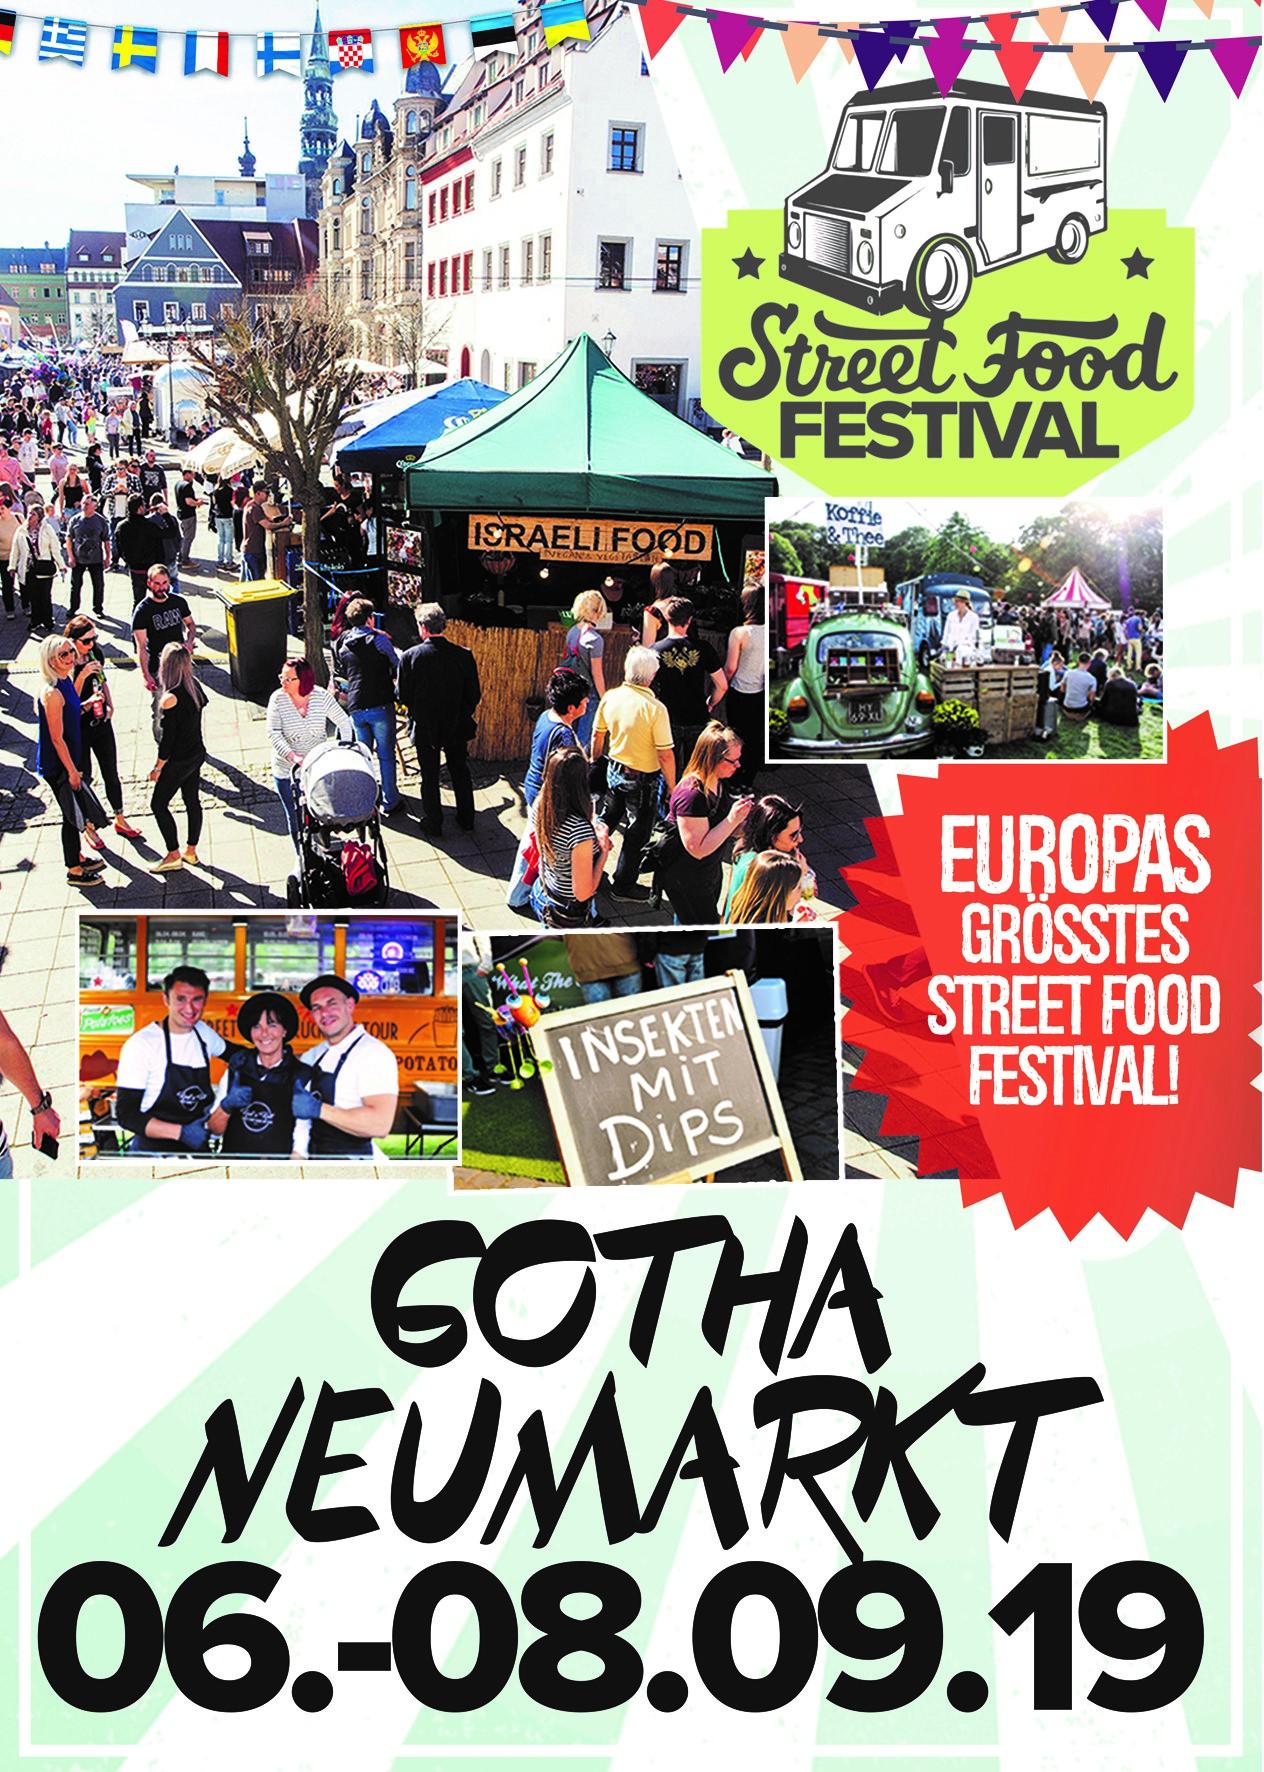 Street Food Festival Gotha